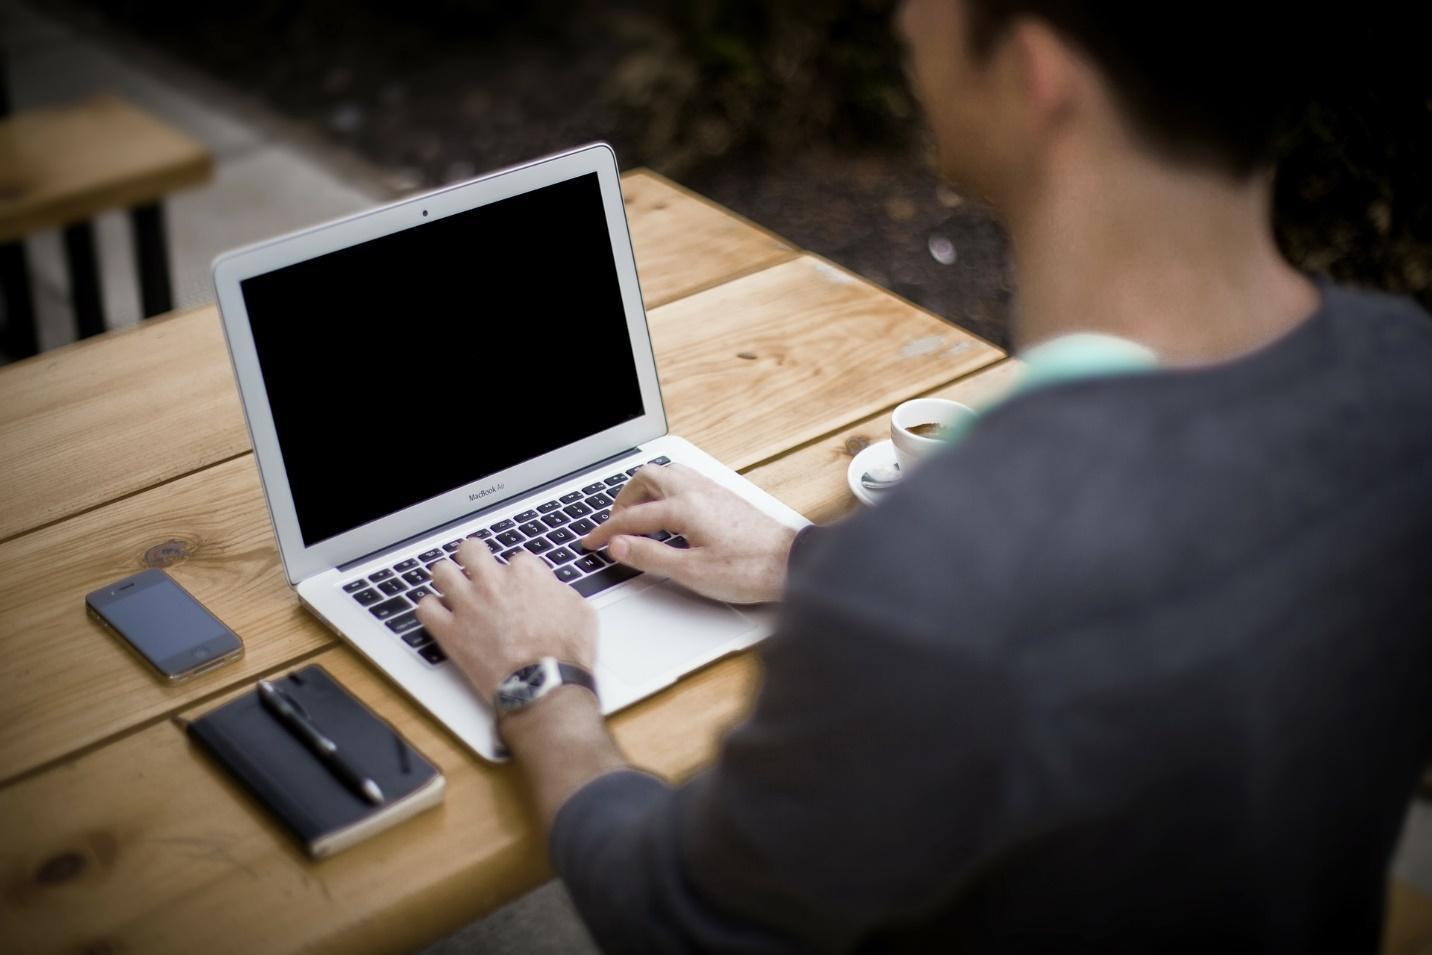 Картина, която съдържа текст, лице, лаптоп, електроника  Описанието е генерирано автоматично